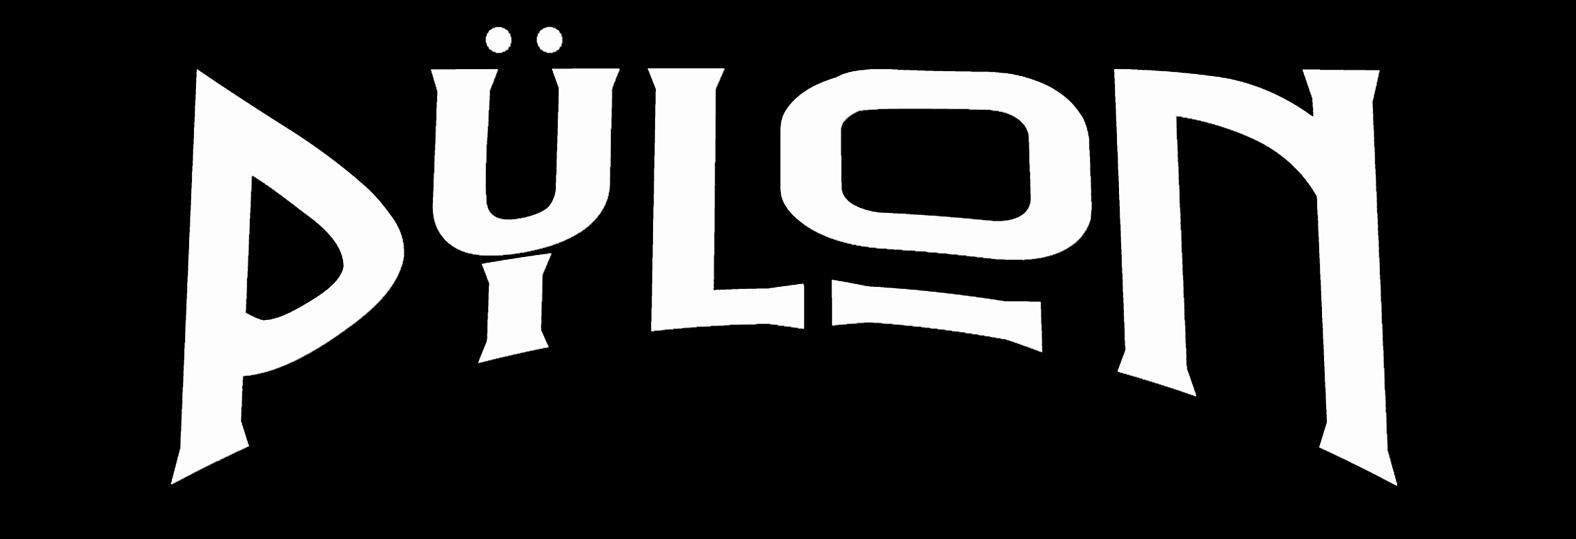 PYLON (DOOM METAL) ~ GOSPEL DOWNLOAD FREE